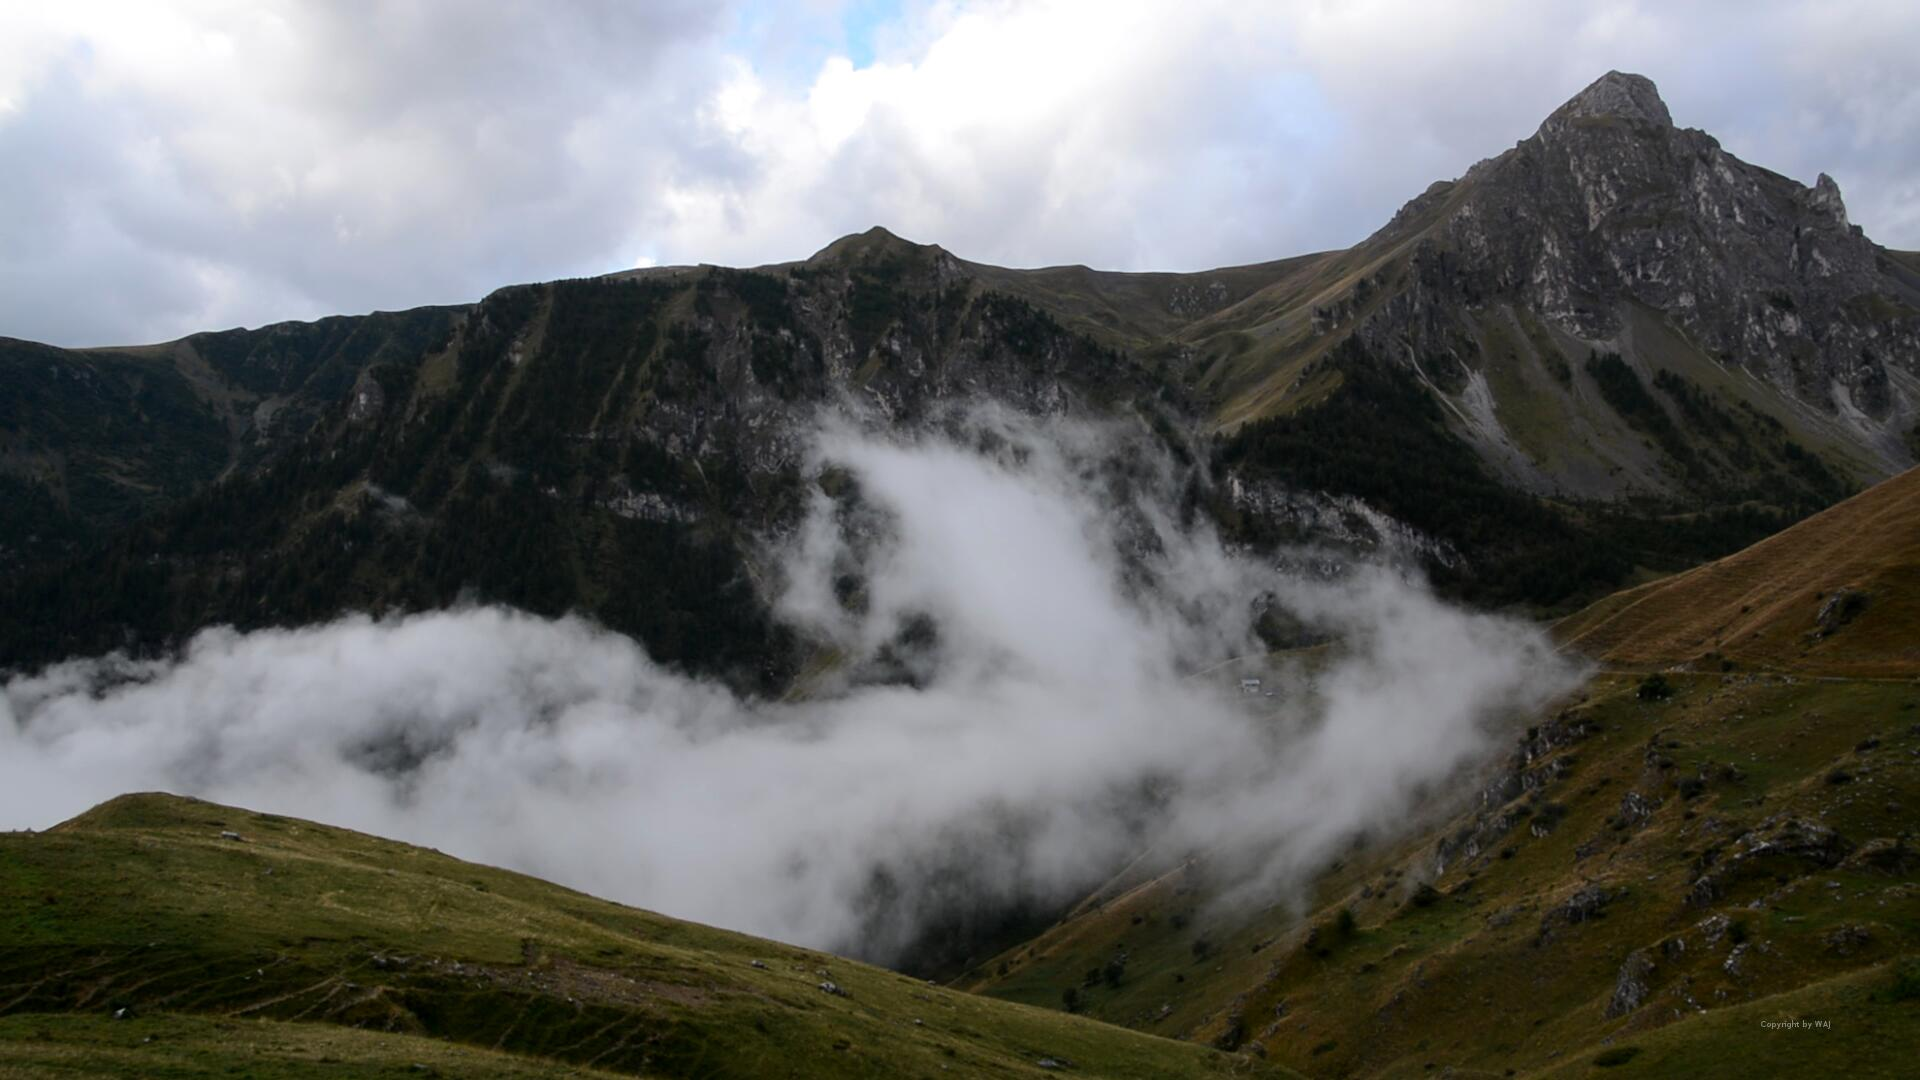 Nebel kriecht aus dem Tal...